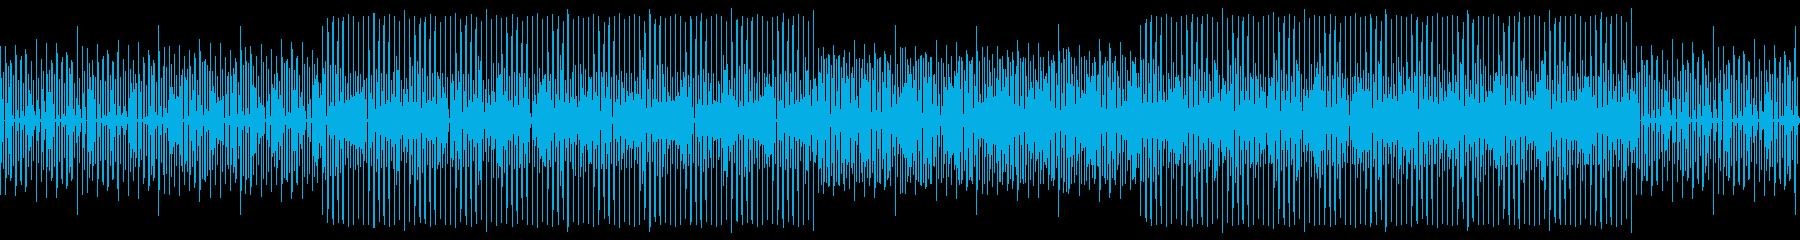 ファンキーの再生済みの波形